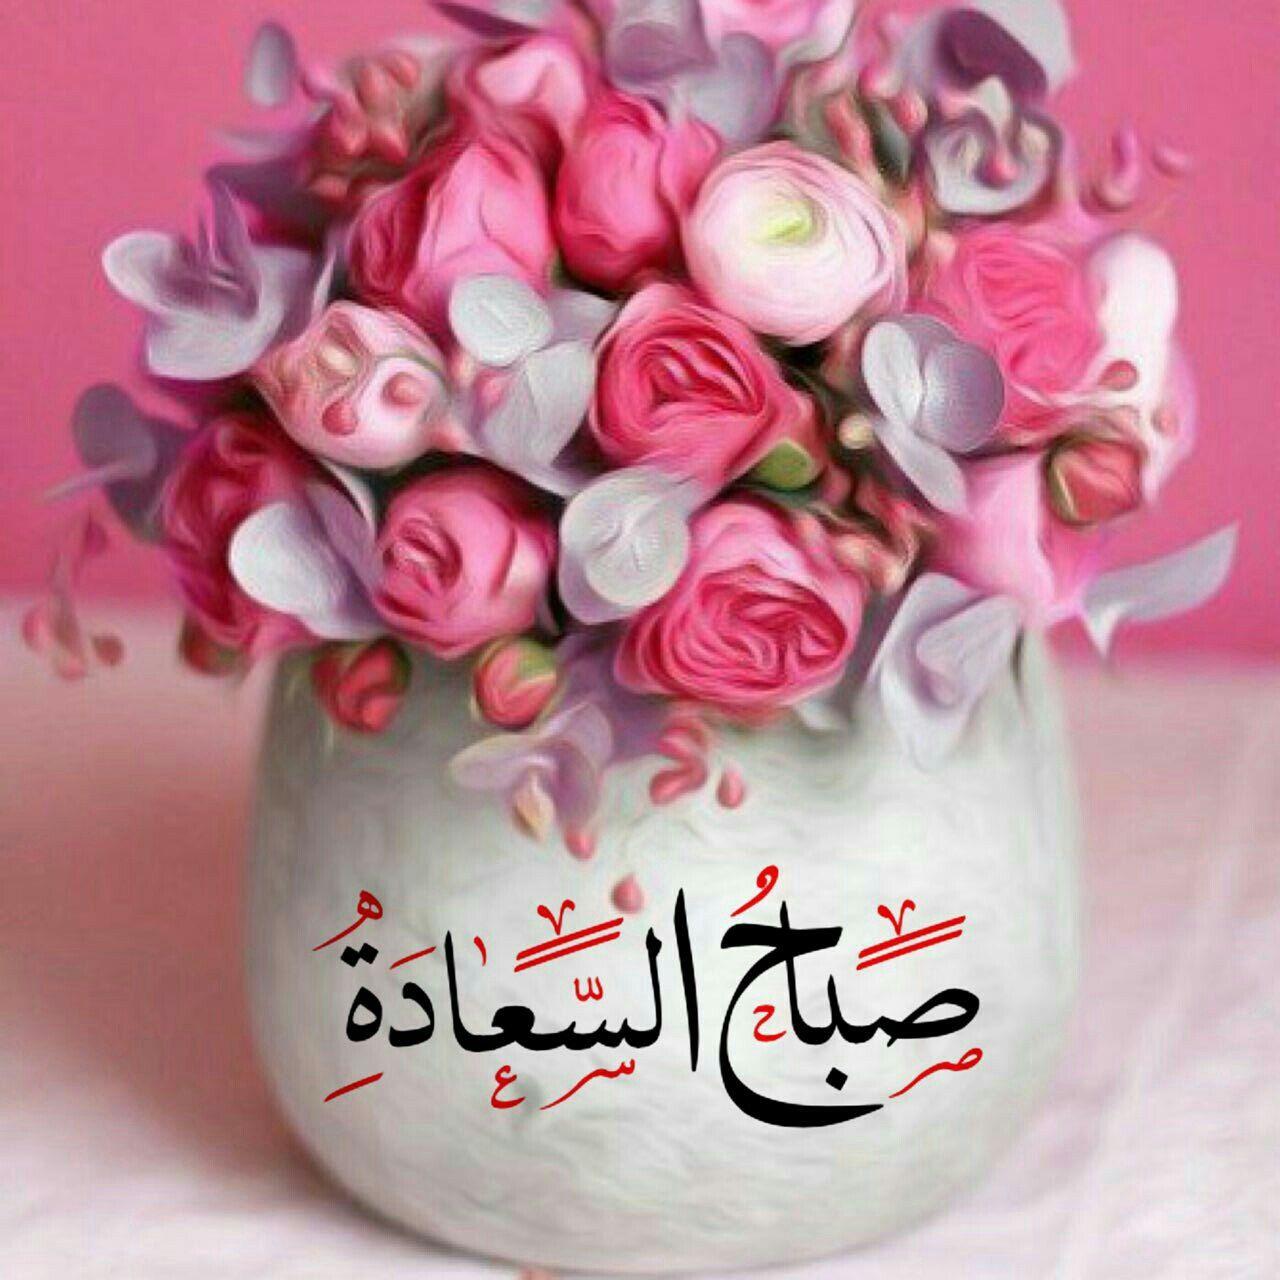 Pin By H El On صباح الخير Good Morning Good Morning Arabic Good Morning Roses Good Morning Greetings